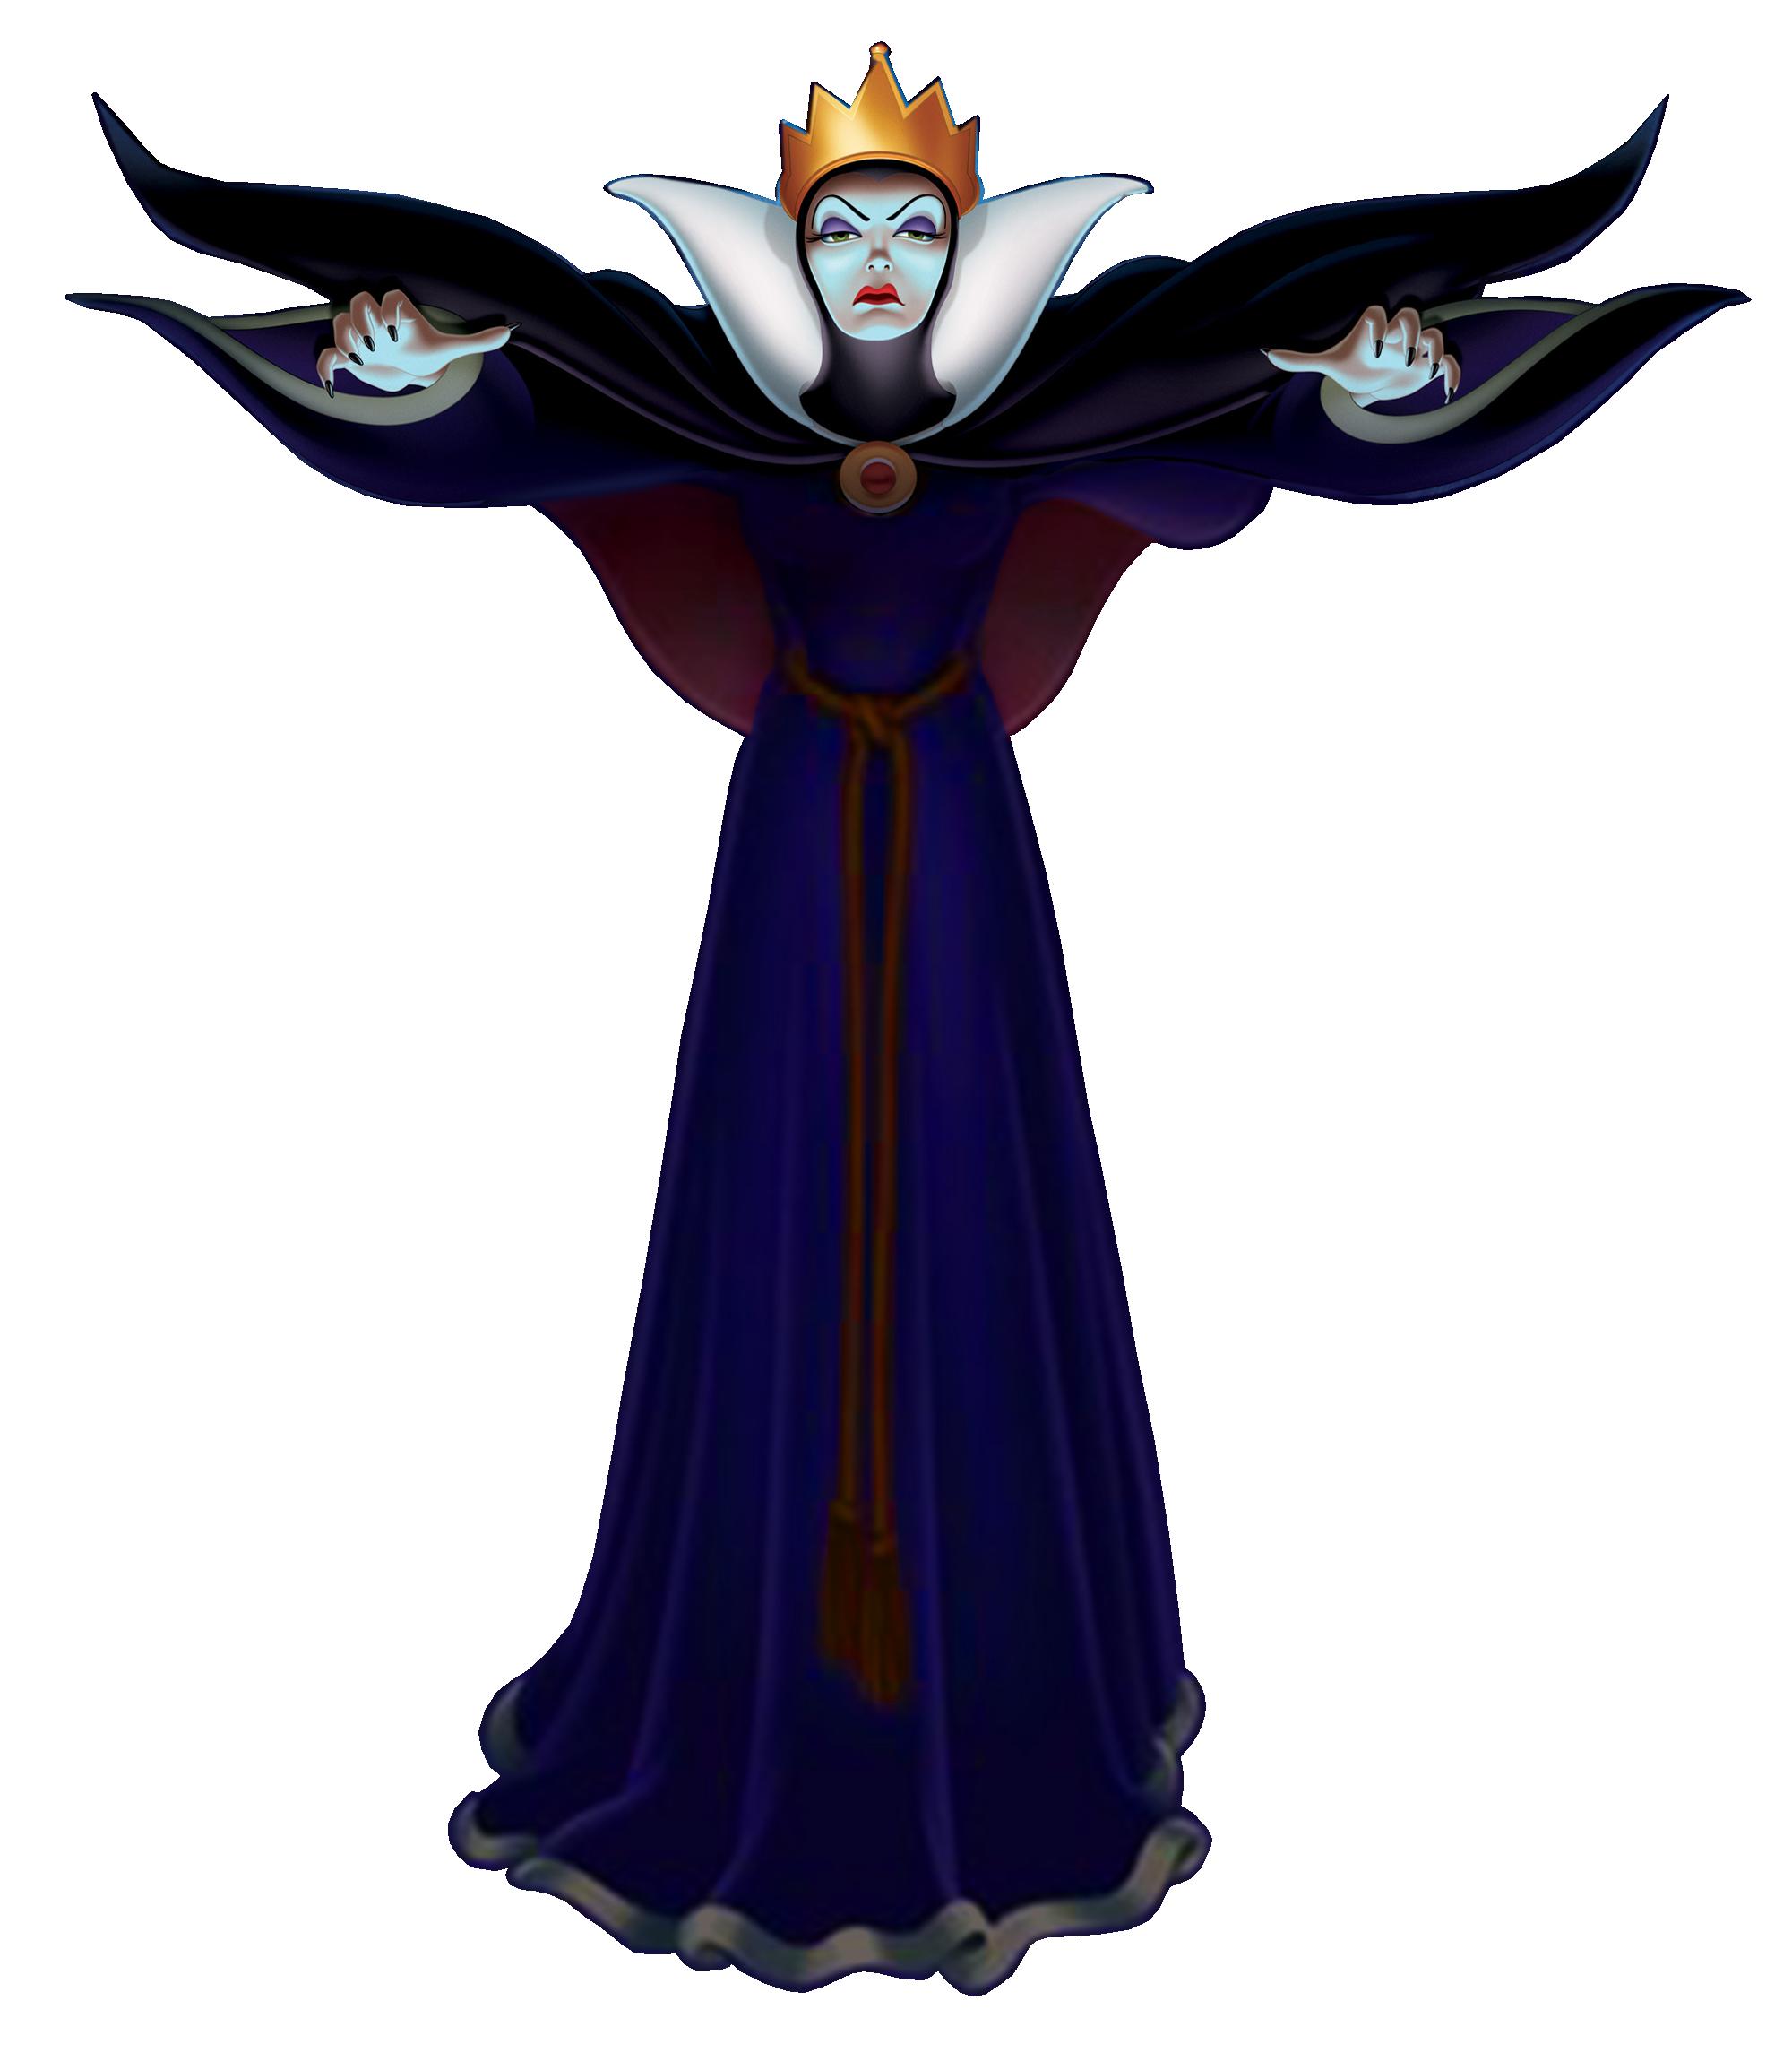 Clip art evil villains clipart clipart suggest - Evil queen disney ...